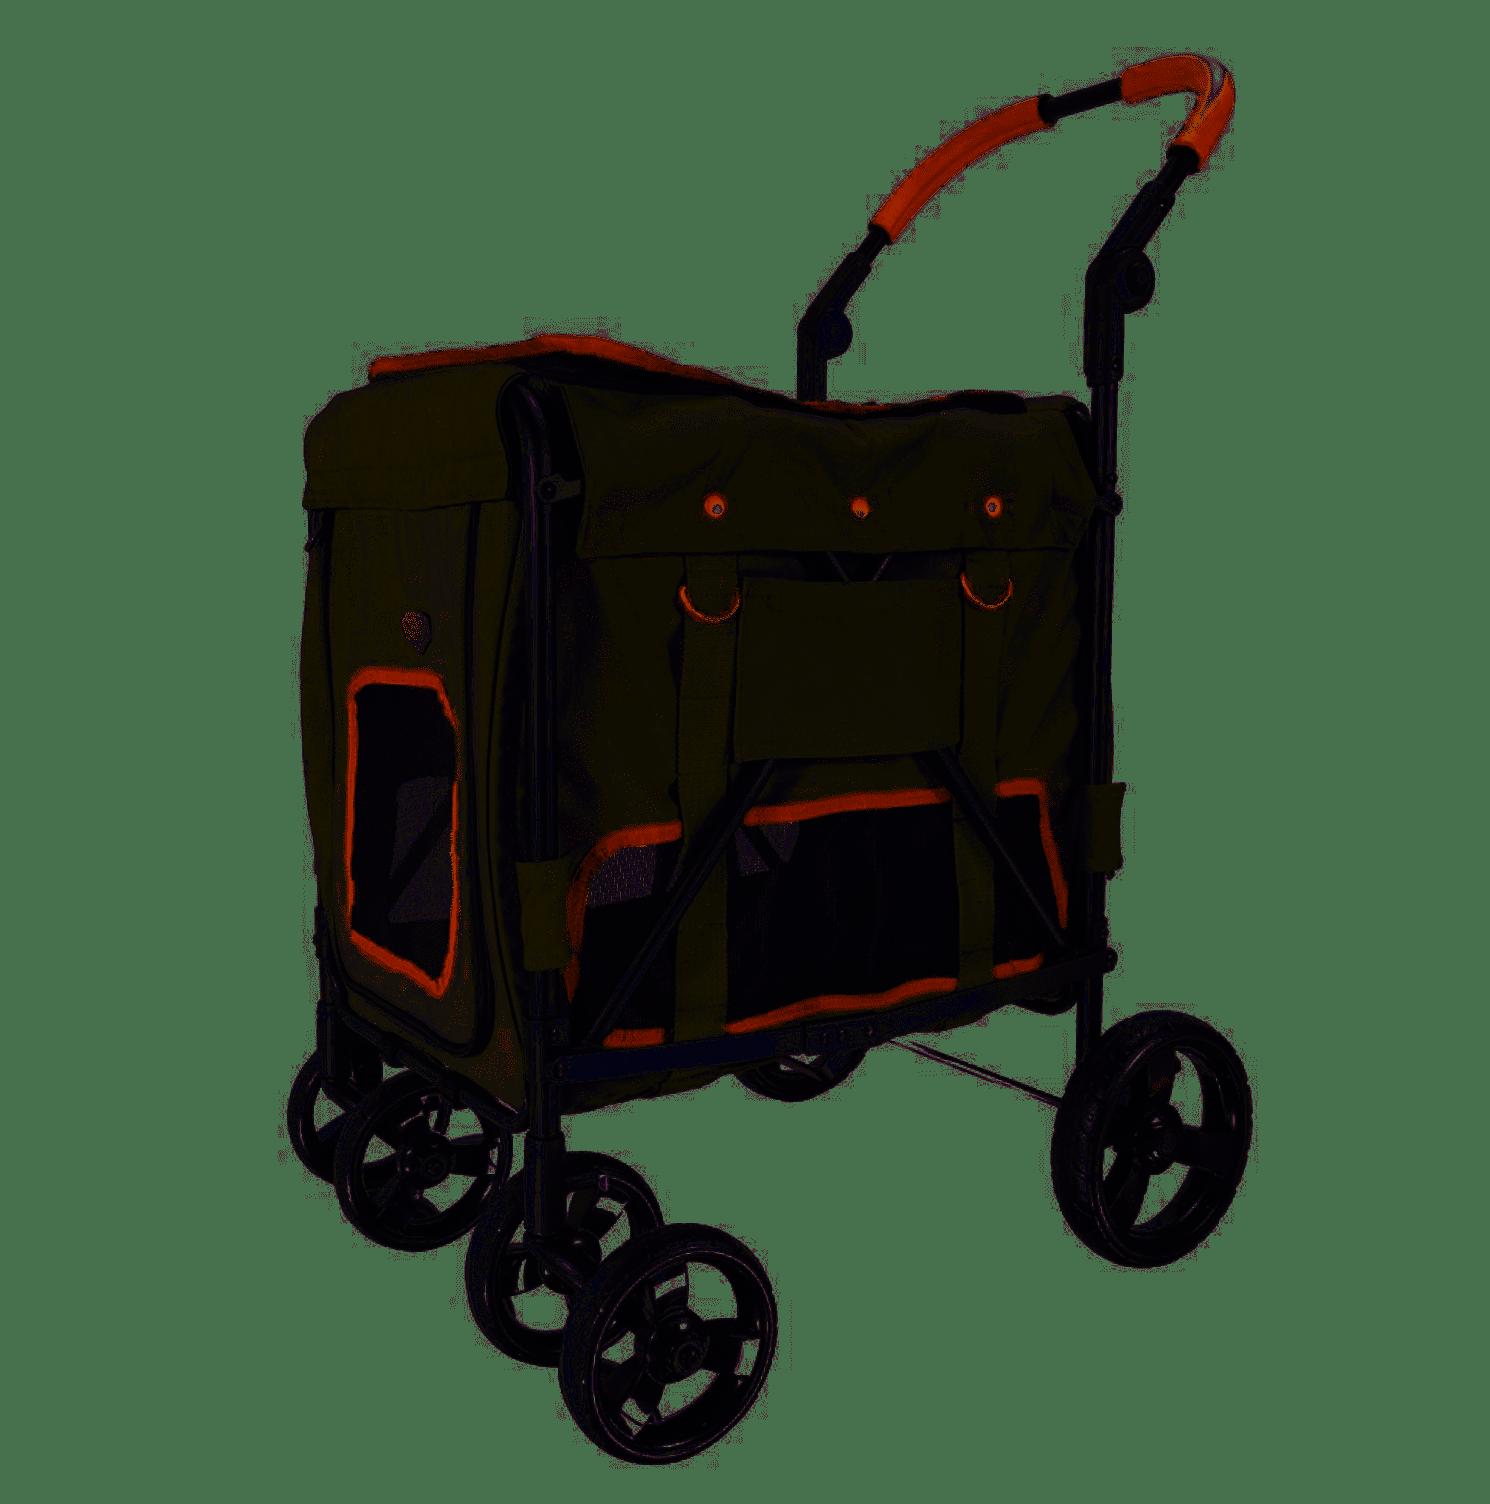 Ibiyaya® Hundebuggy Gentle Giant Pet Wagon - Army Green